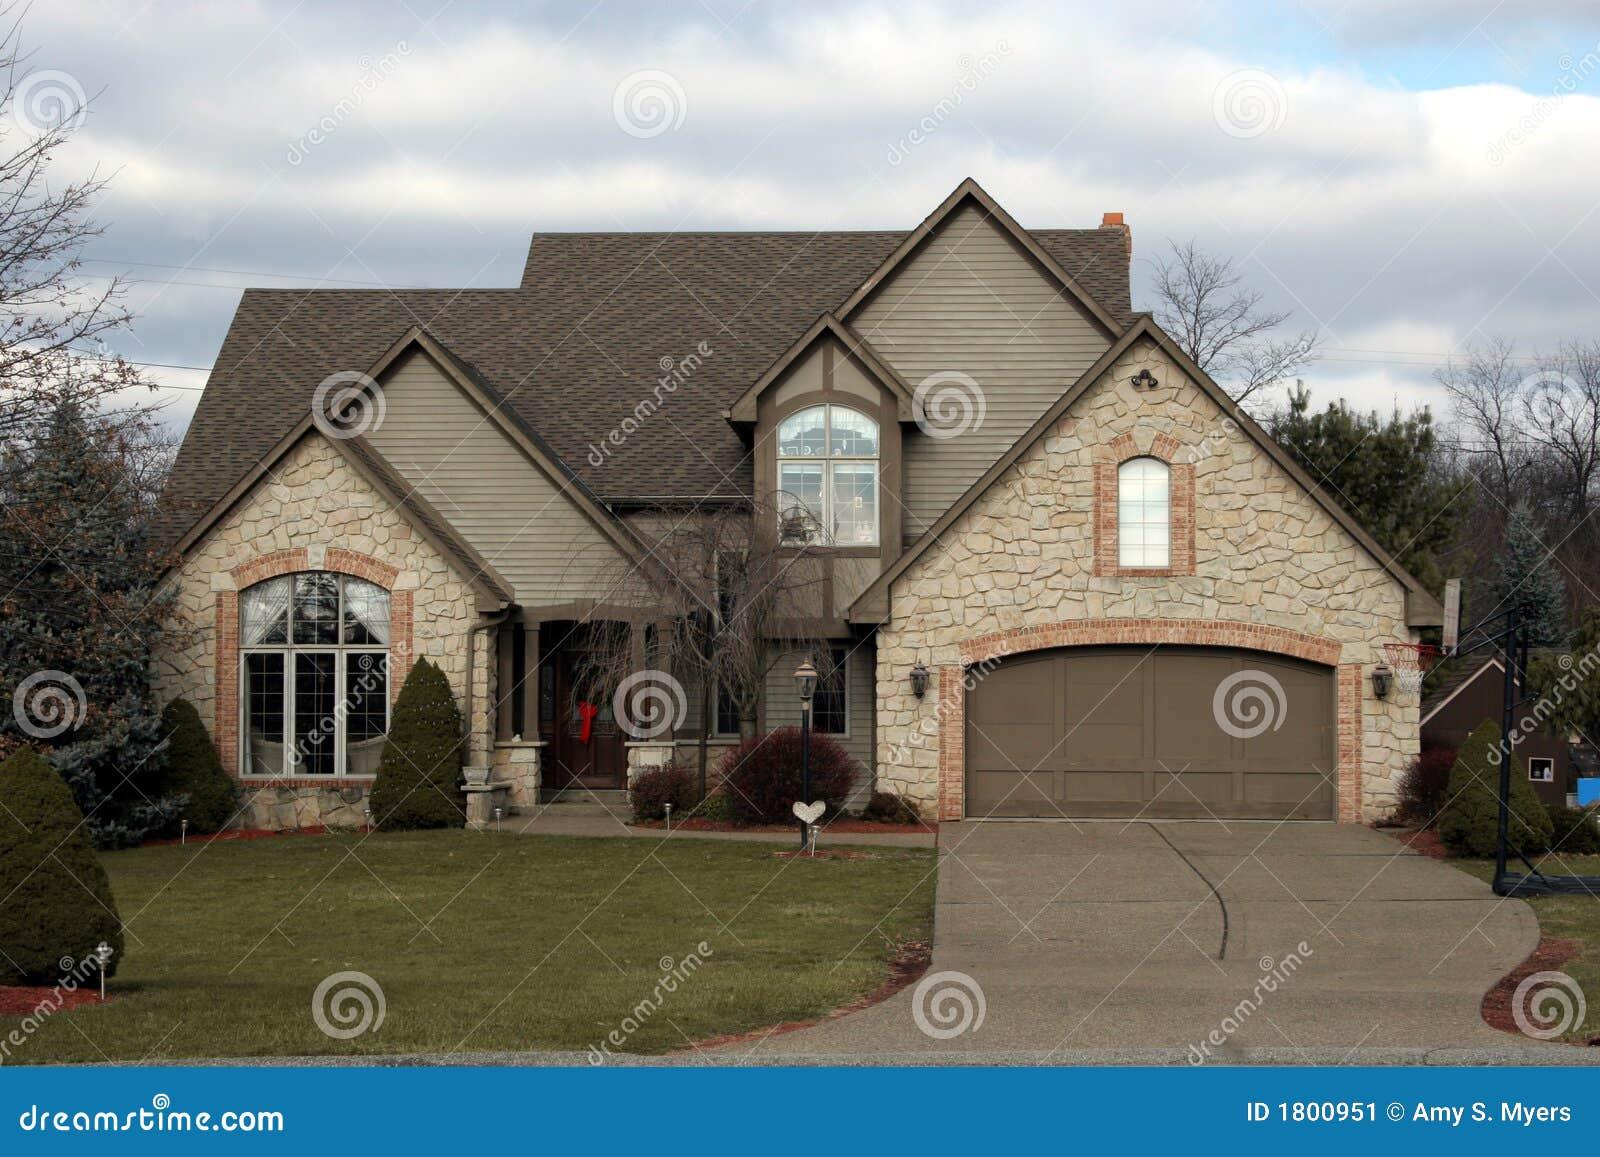 spesso Più Nuova Casa - Stile Di Tudor Immagine Stock - Immagine: 1800951 RG23